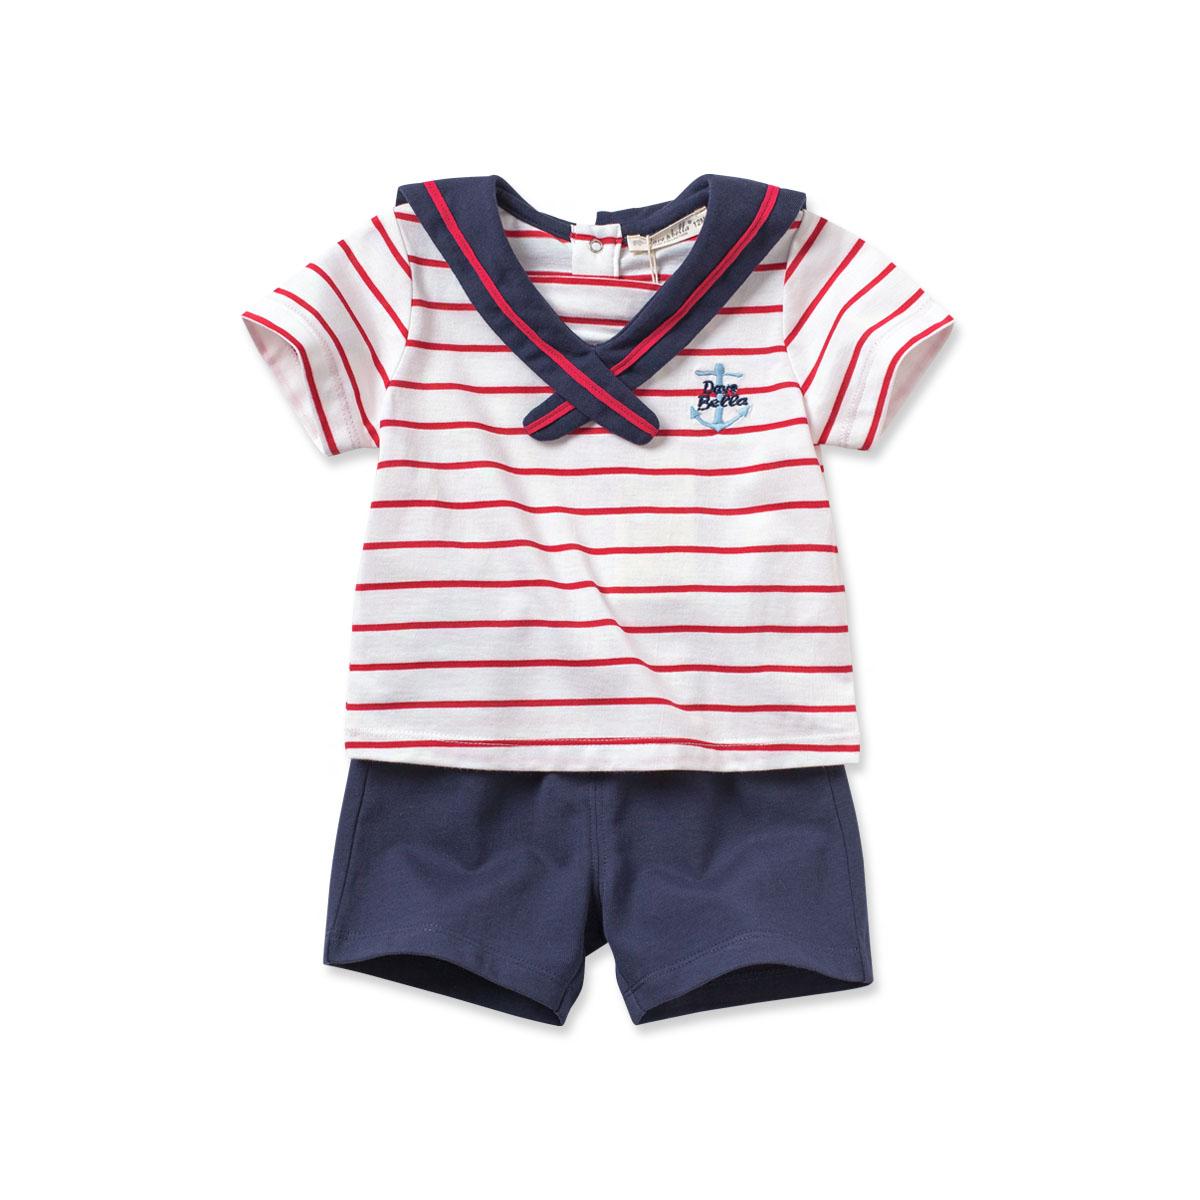 davebella戴维贝拉夏装海军风纯棉套装儿童条纹套装 DB2612